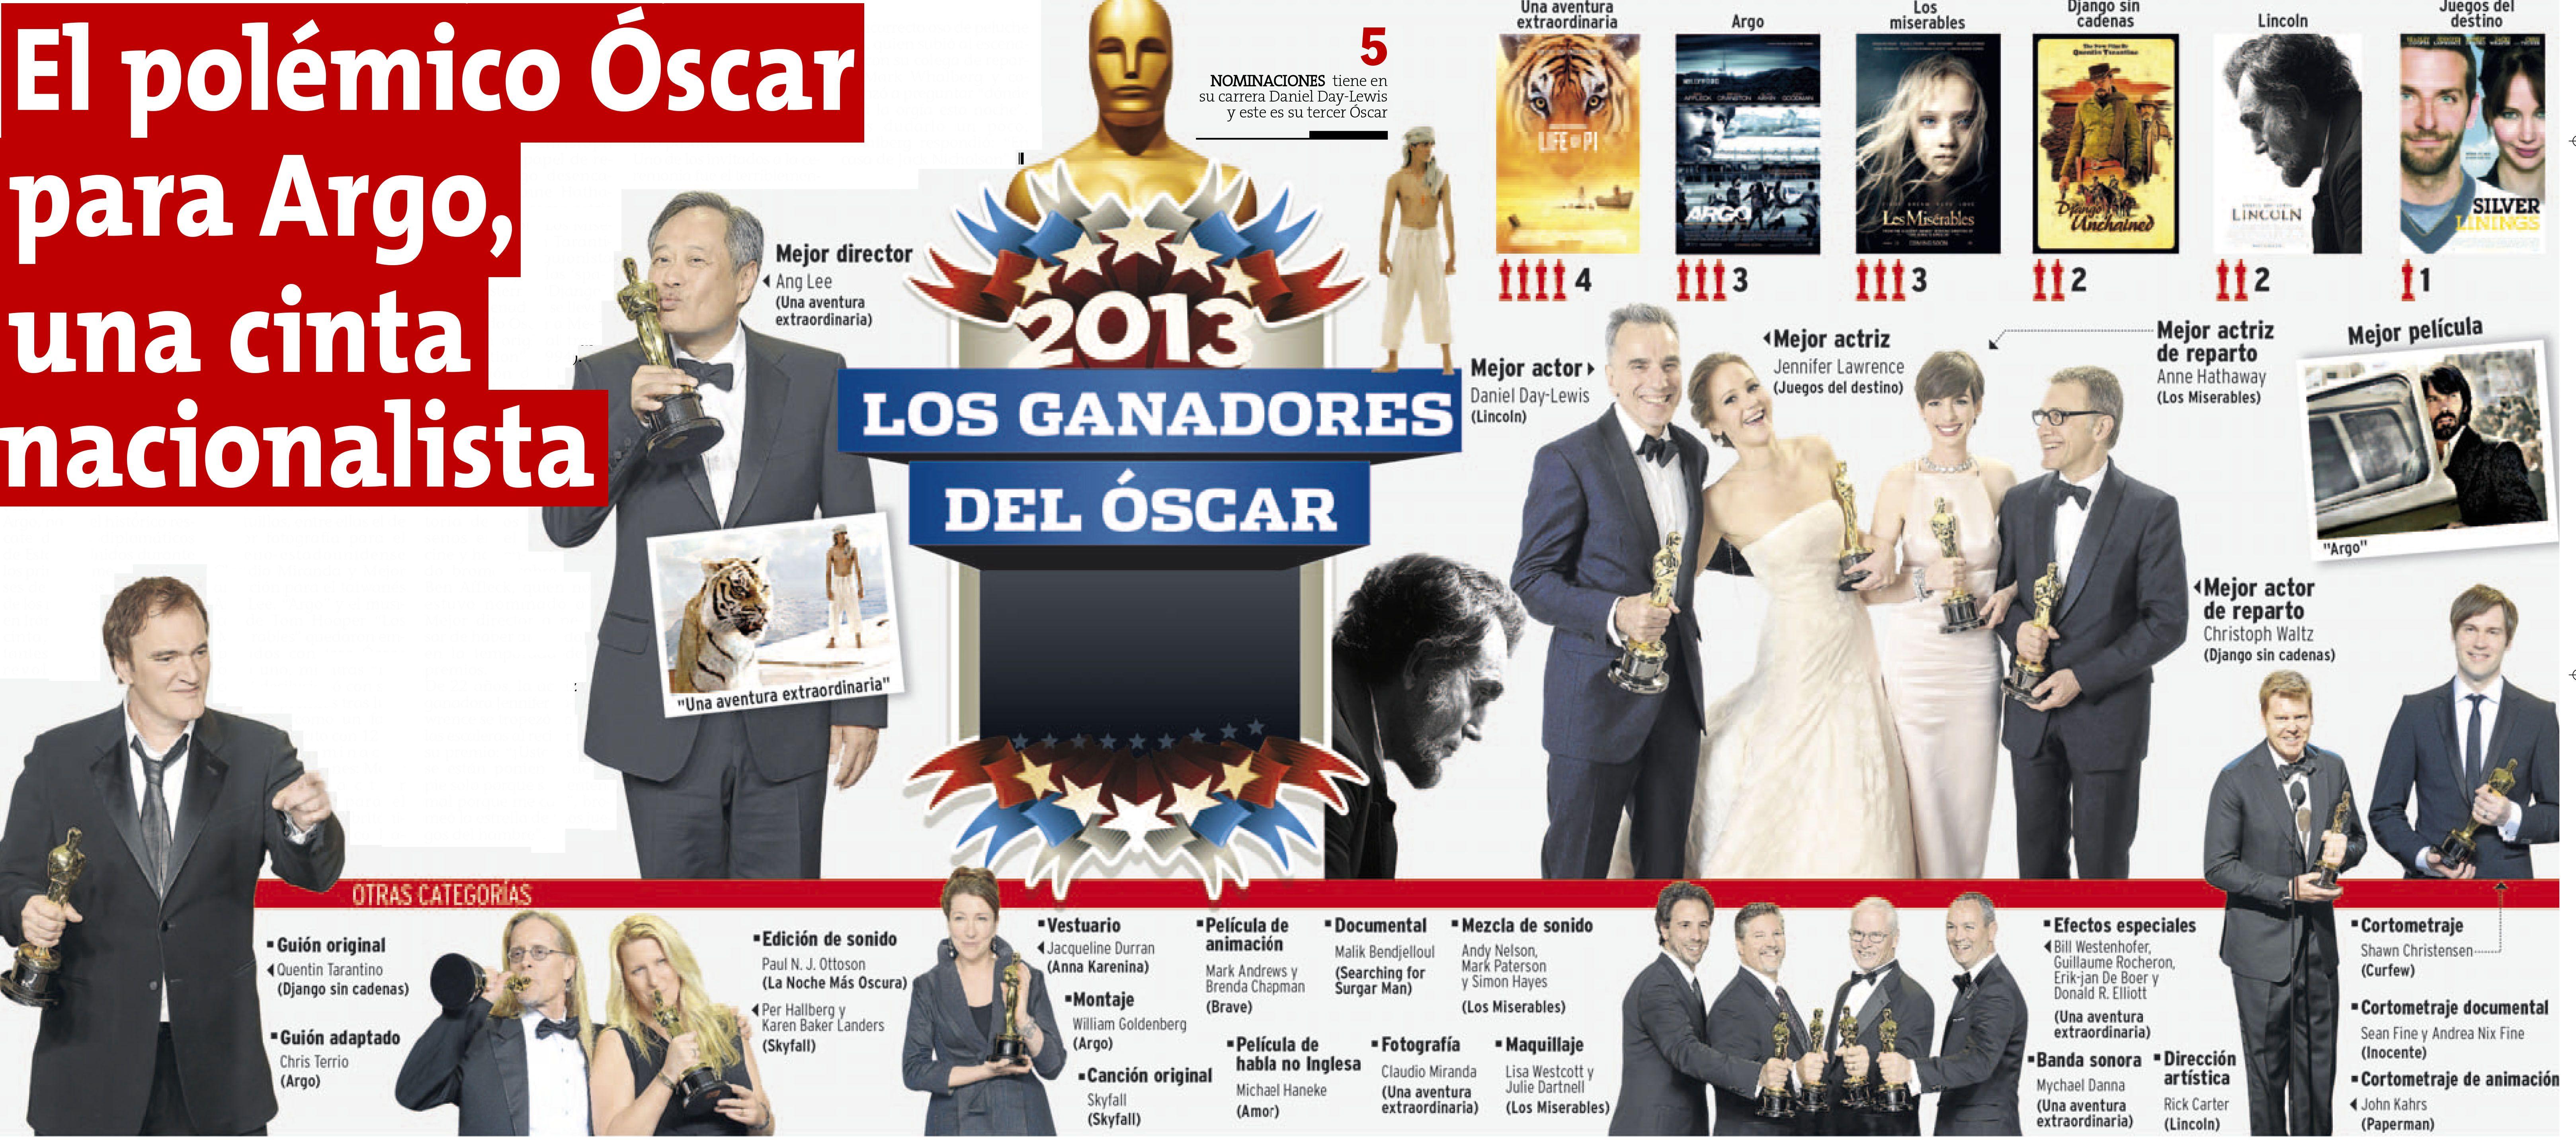 Los ganadores del Óscar 2013  http://infografiasdelperu.blogspot.com/2013/02/los-ganadores-del-oscar-2013.html